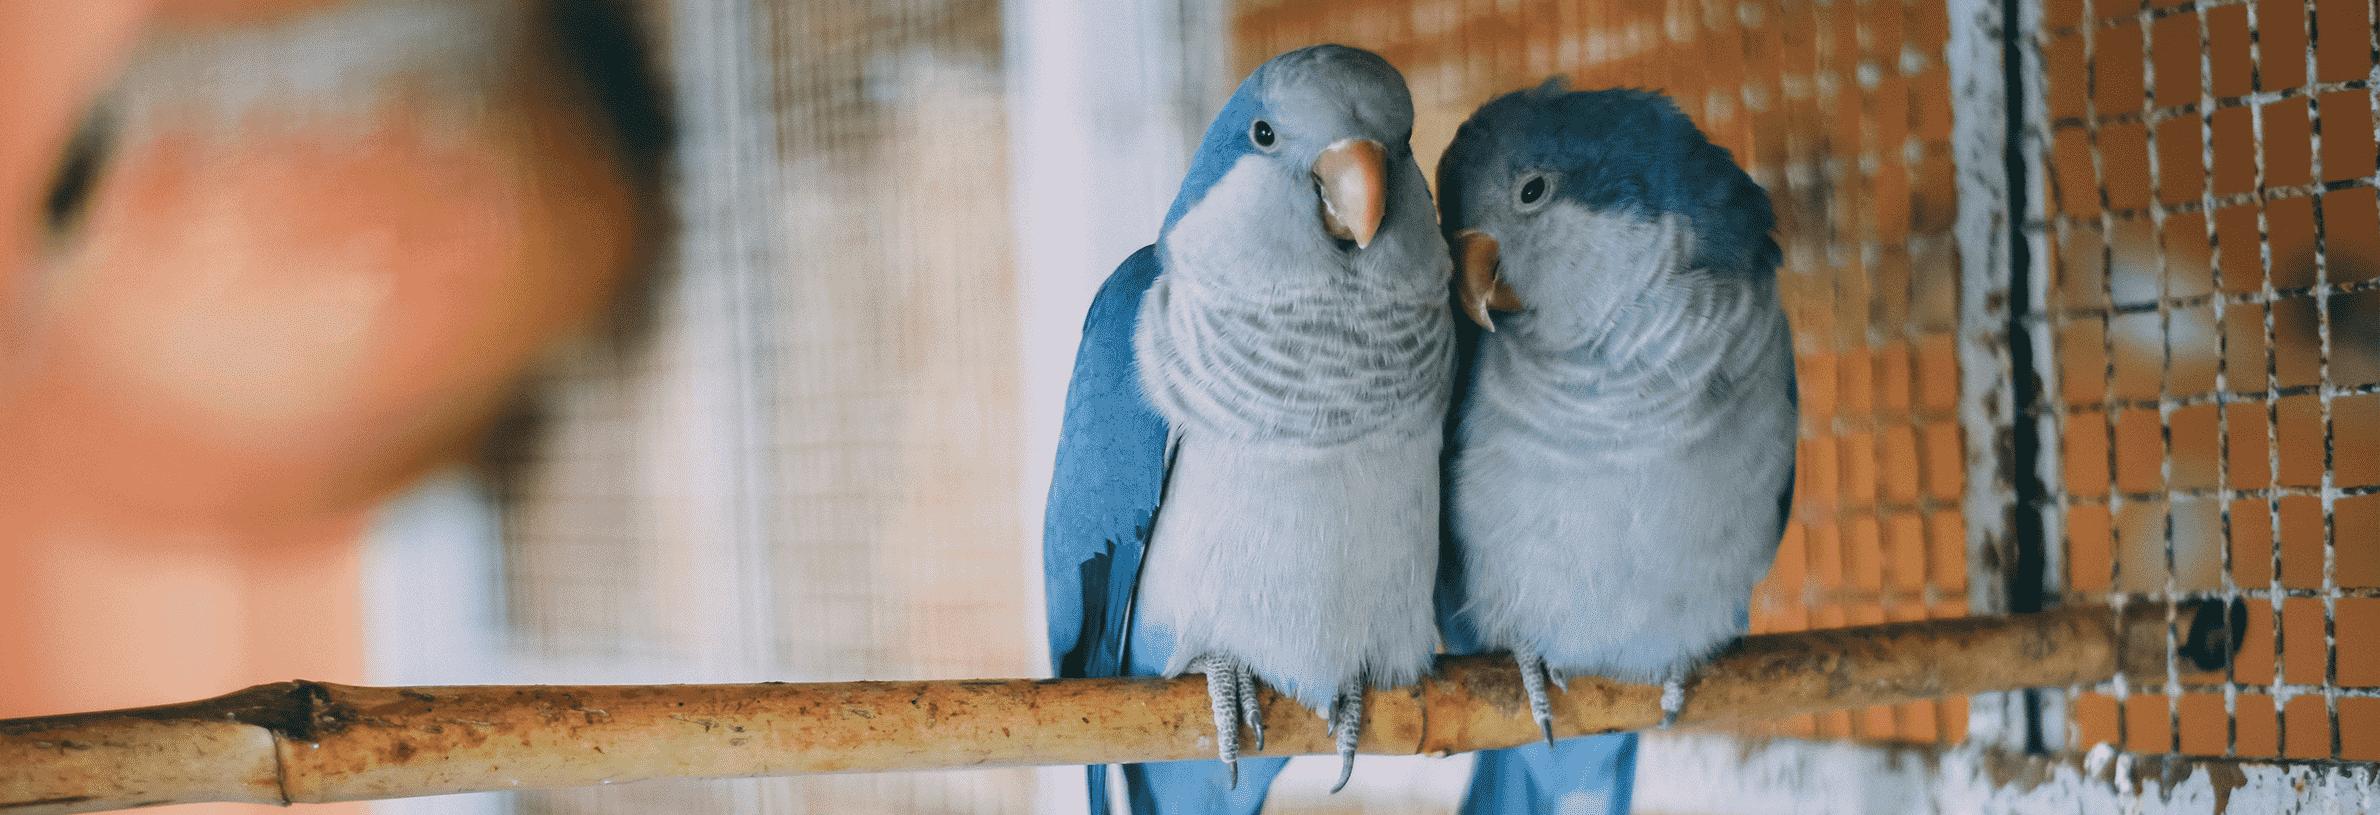 papegaaien ziekte